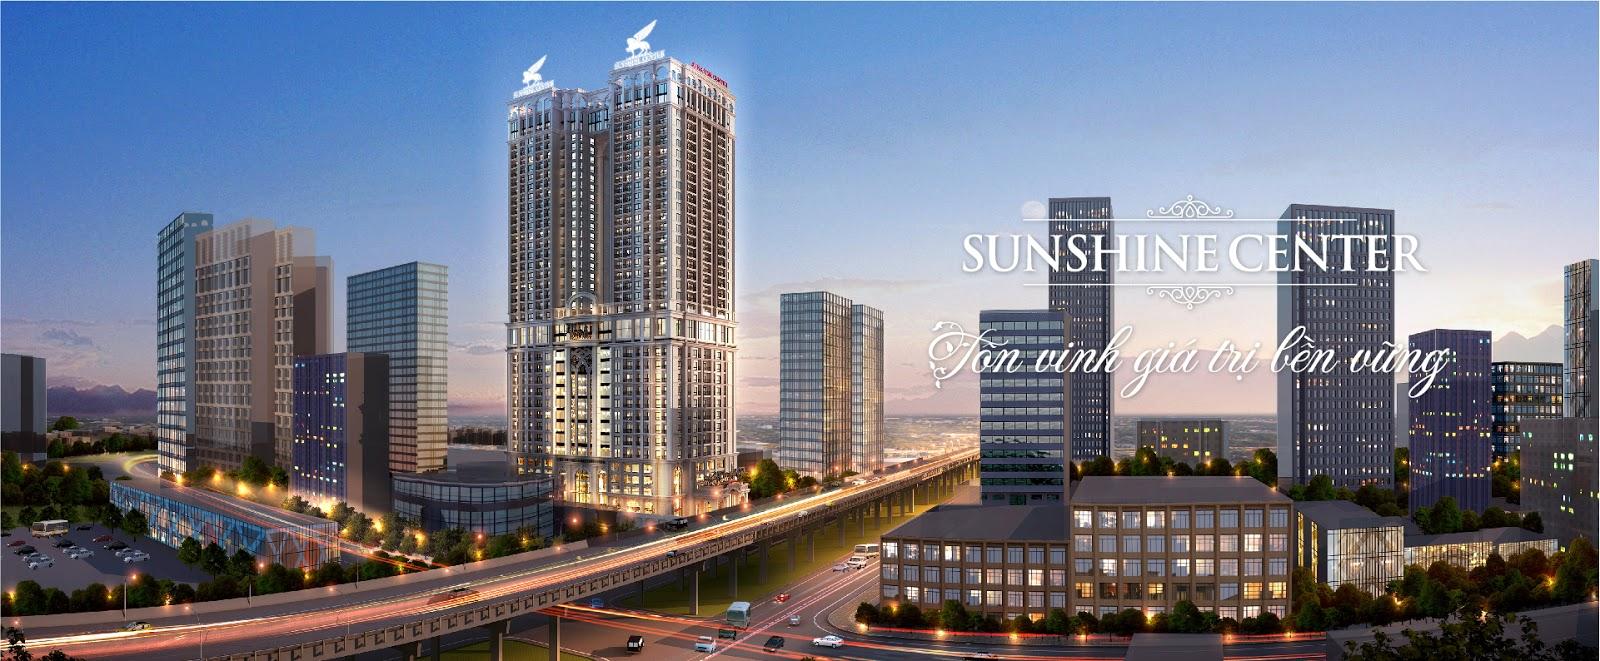 Thị trường bất động sản Hà Nội cuối năm - dồn dập mở bán các dự án mới